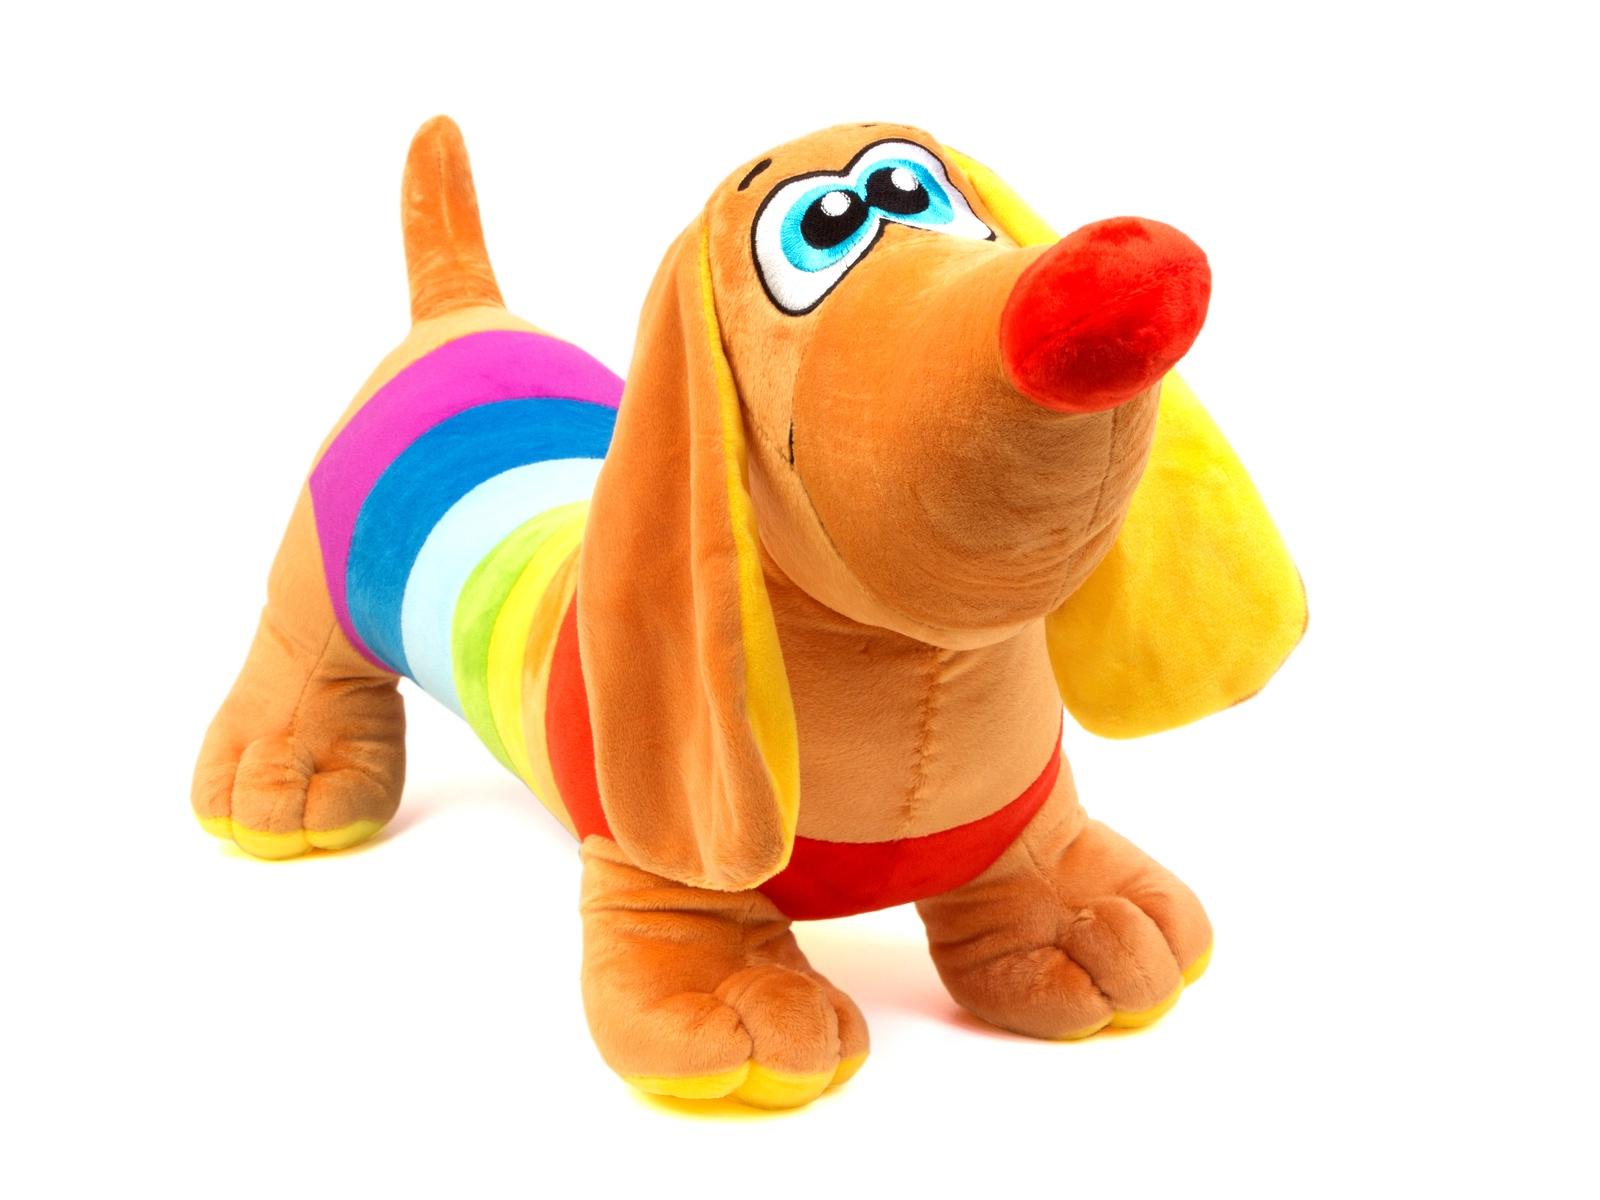 Мягкая игрушка СмолТойс Такса Радужная длина 70 см бежевый